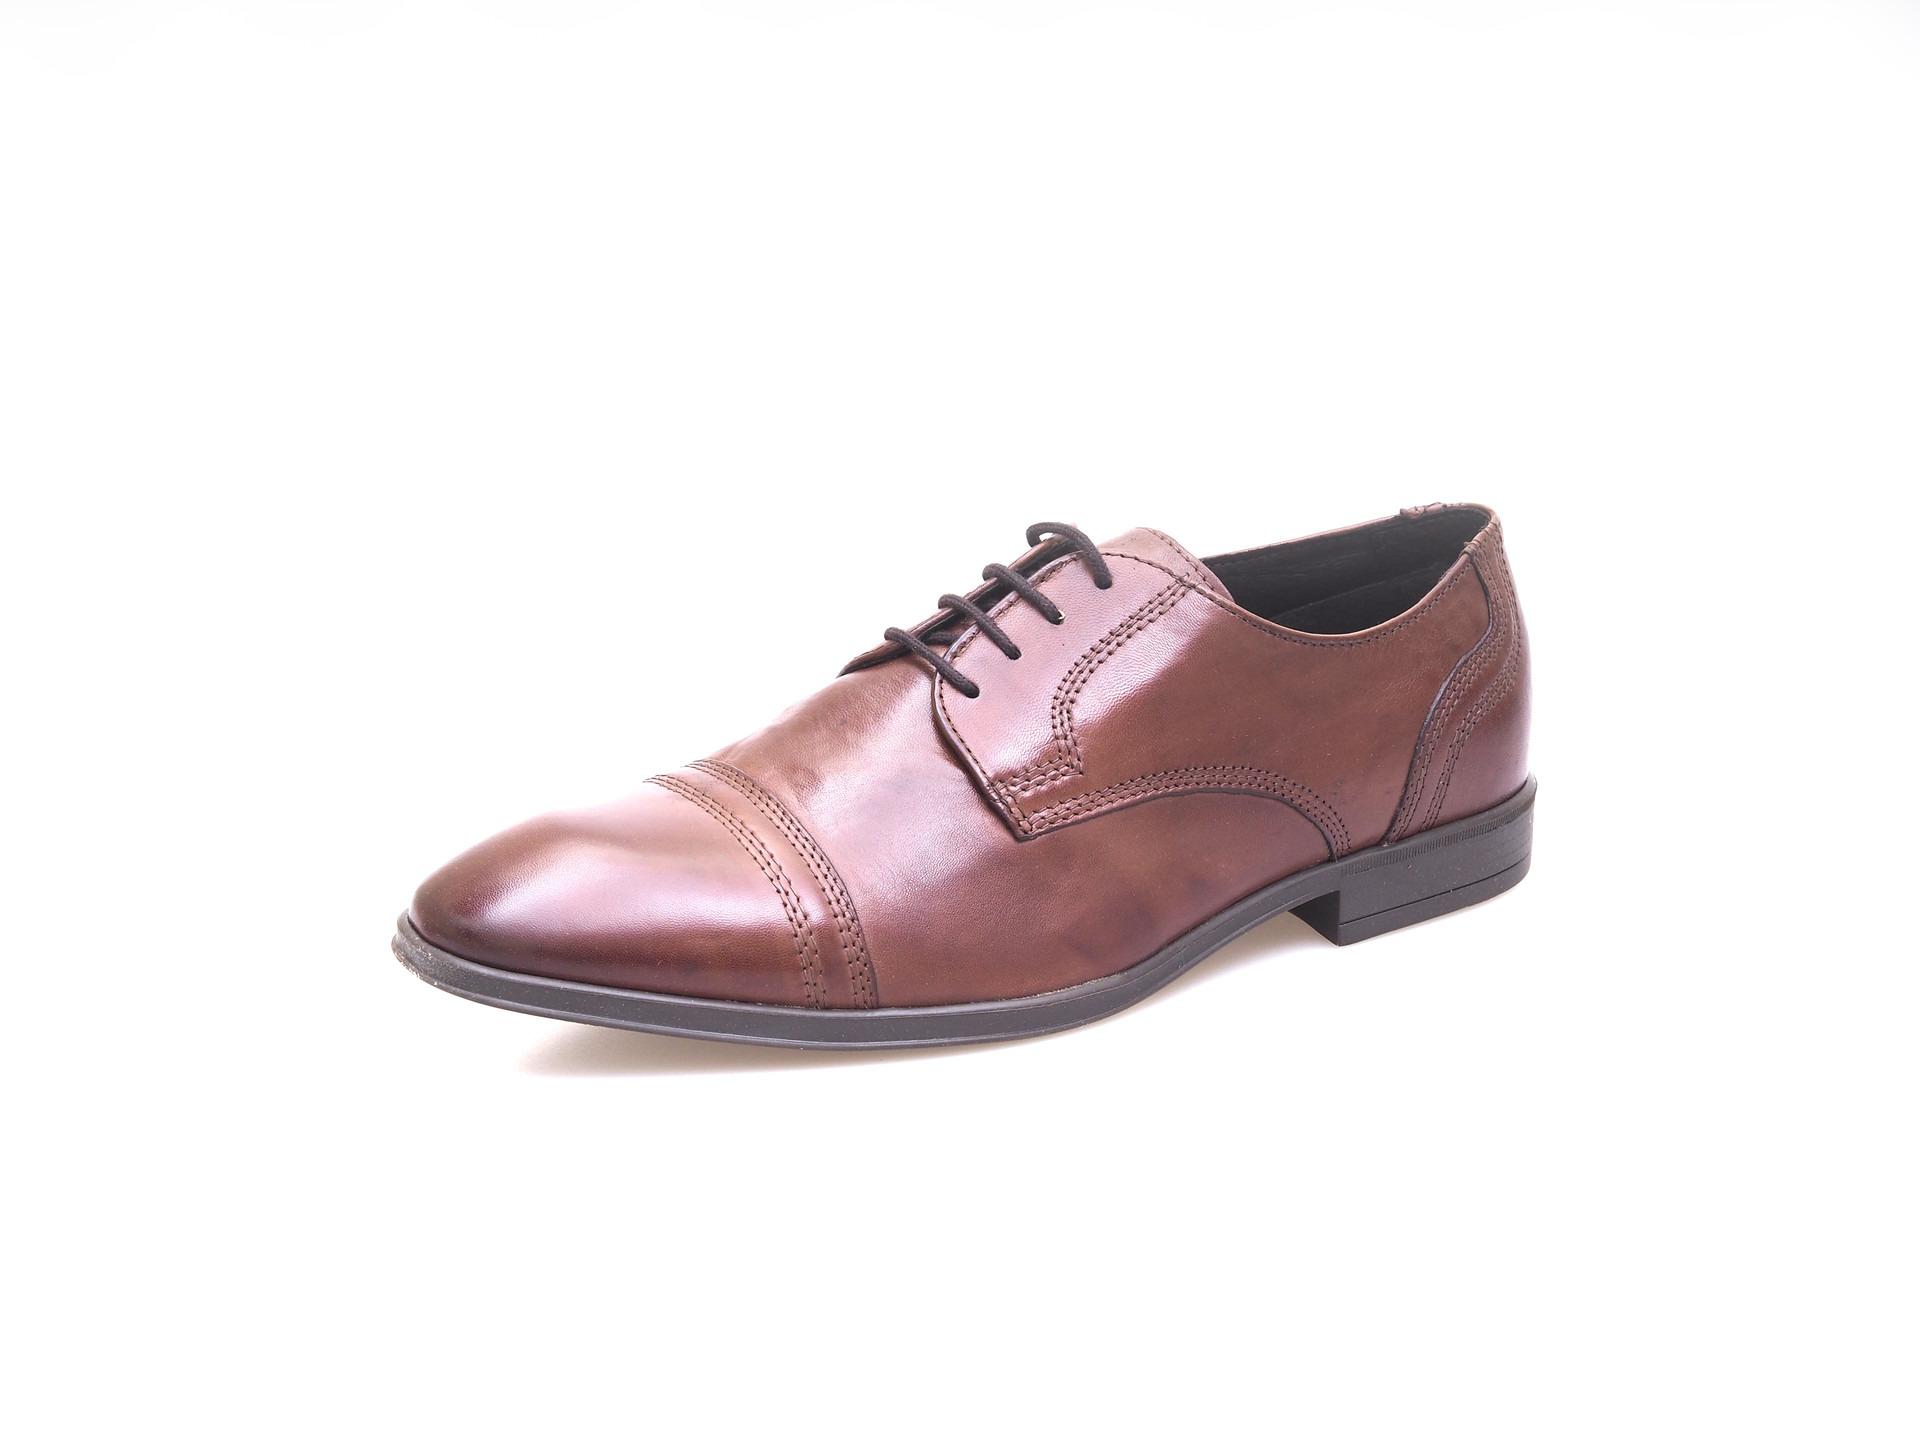 7eaa7e728013 Soňa - Pánska obuv - Poltopánky - Pánska šnurovacia obuv - hnedá